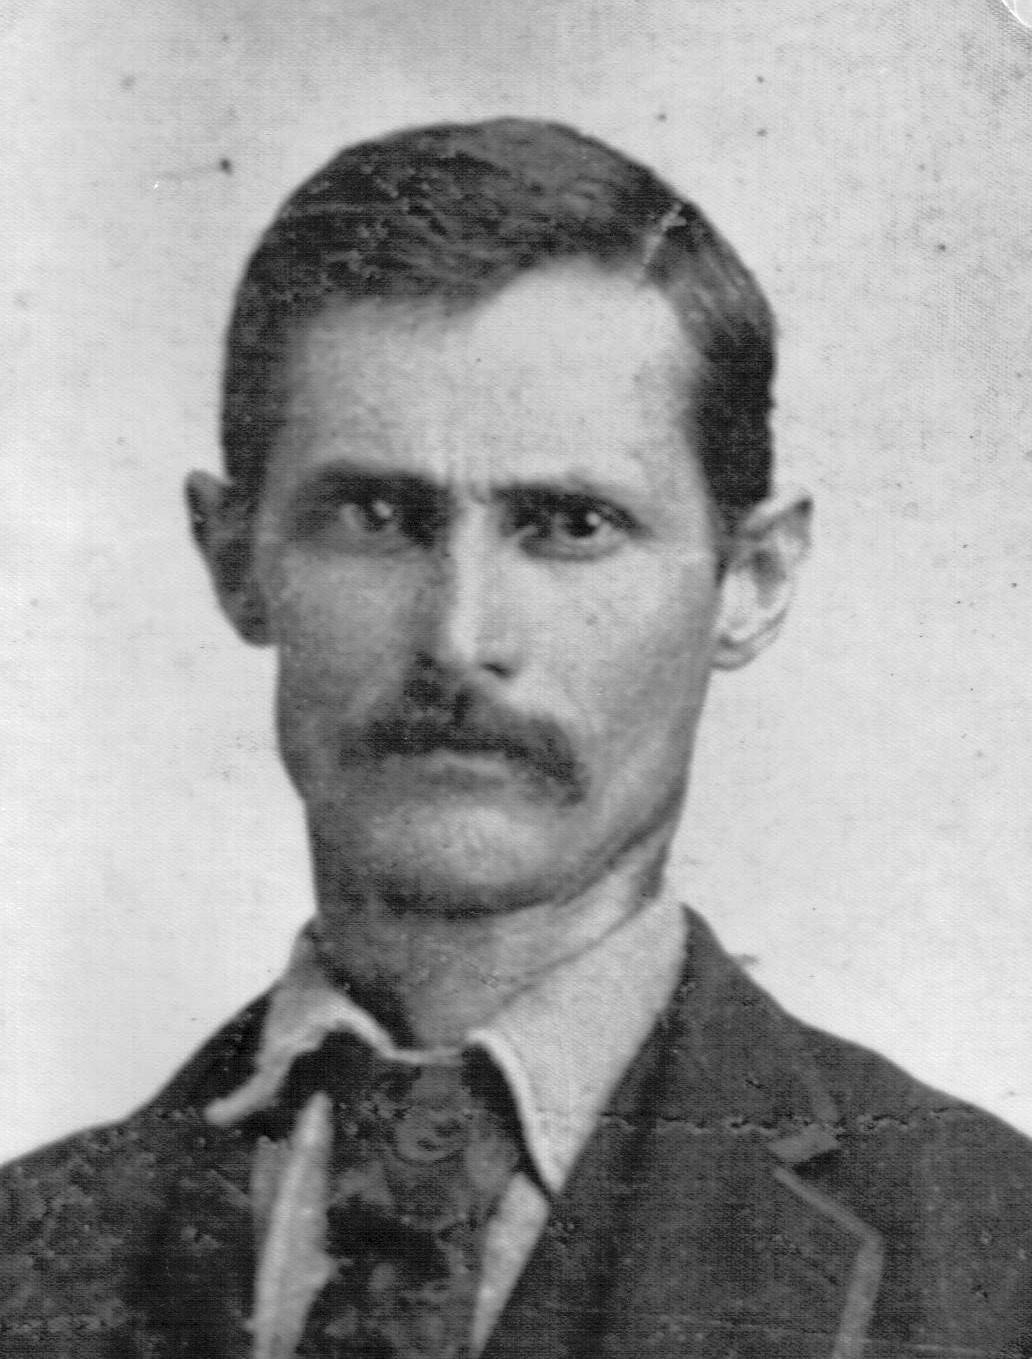 Gottlieb Weinmann